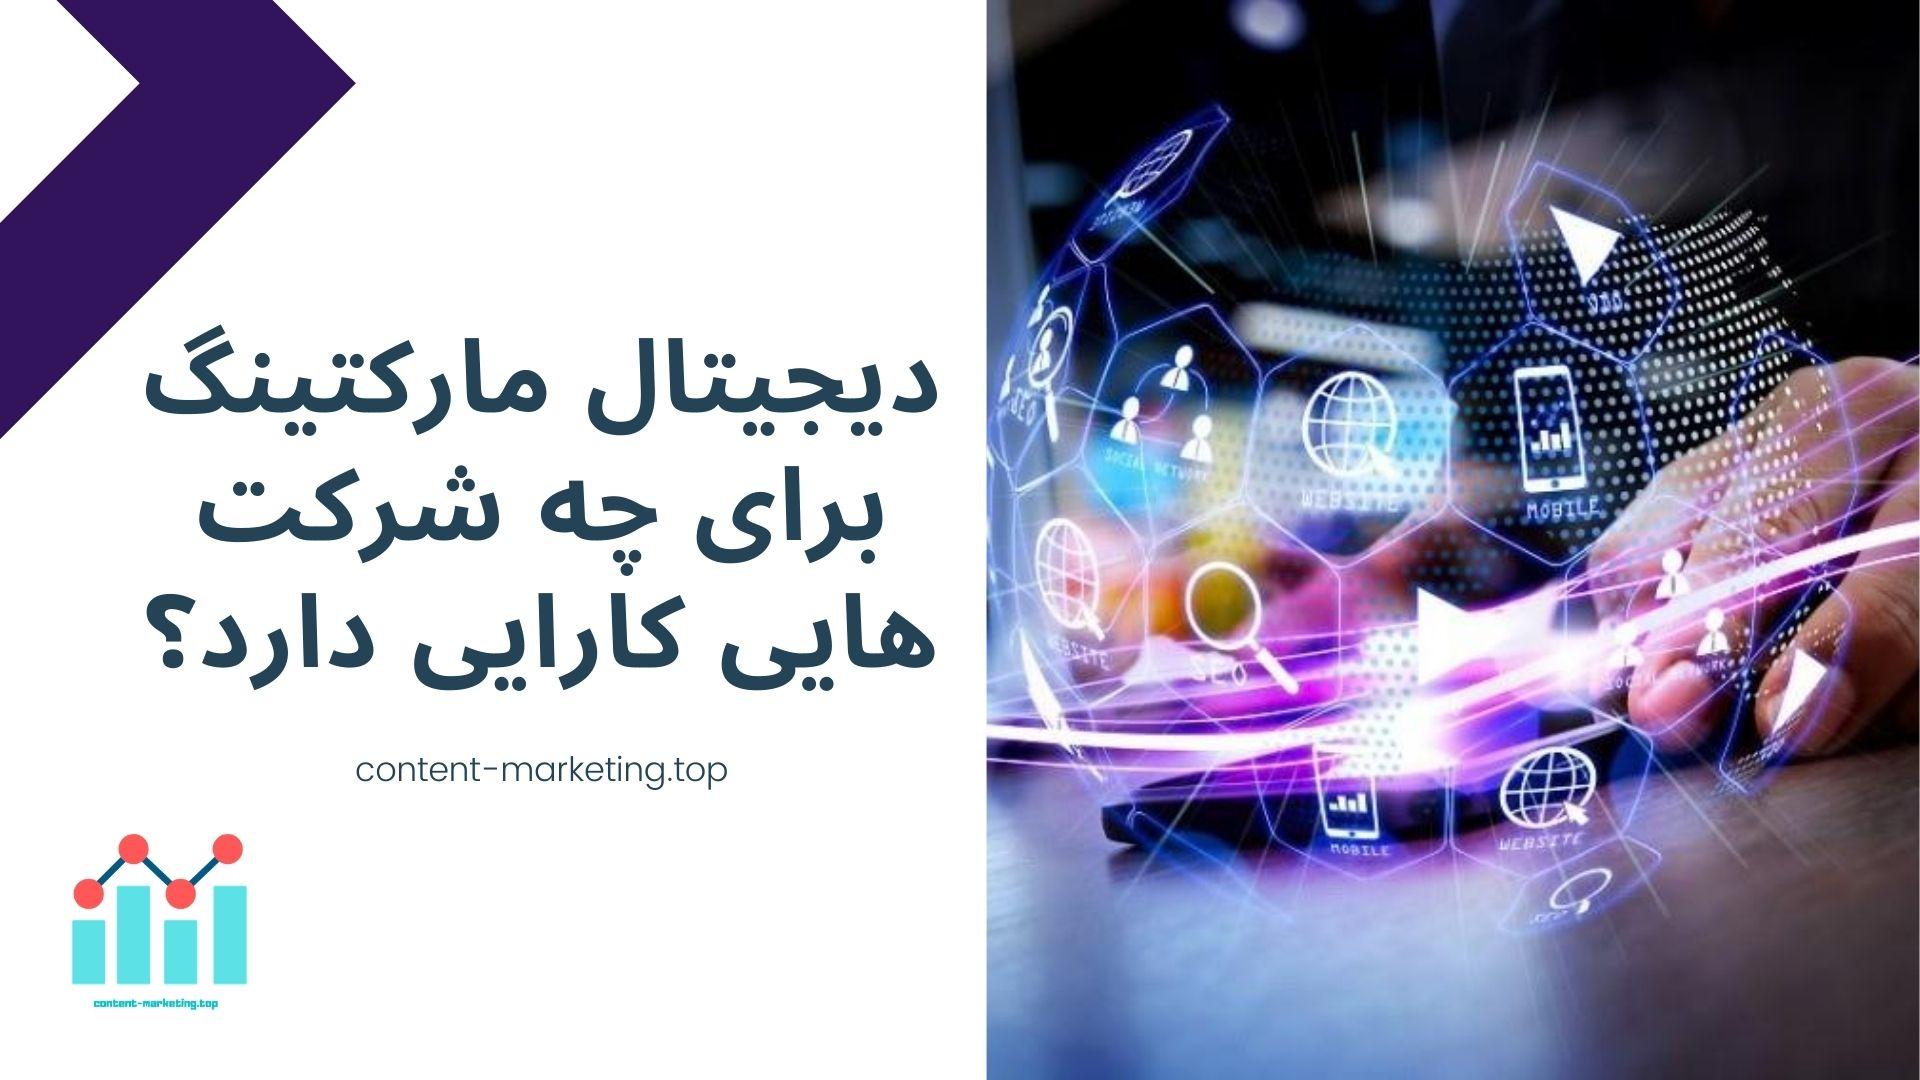 دیجیتال مارکتینگ برای چه شرکت هایی کارایی دارد؟